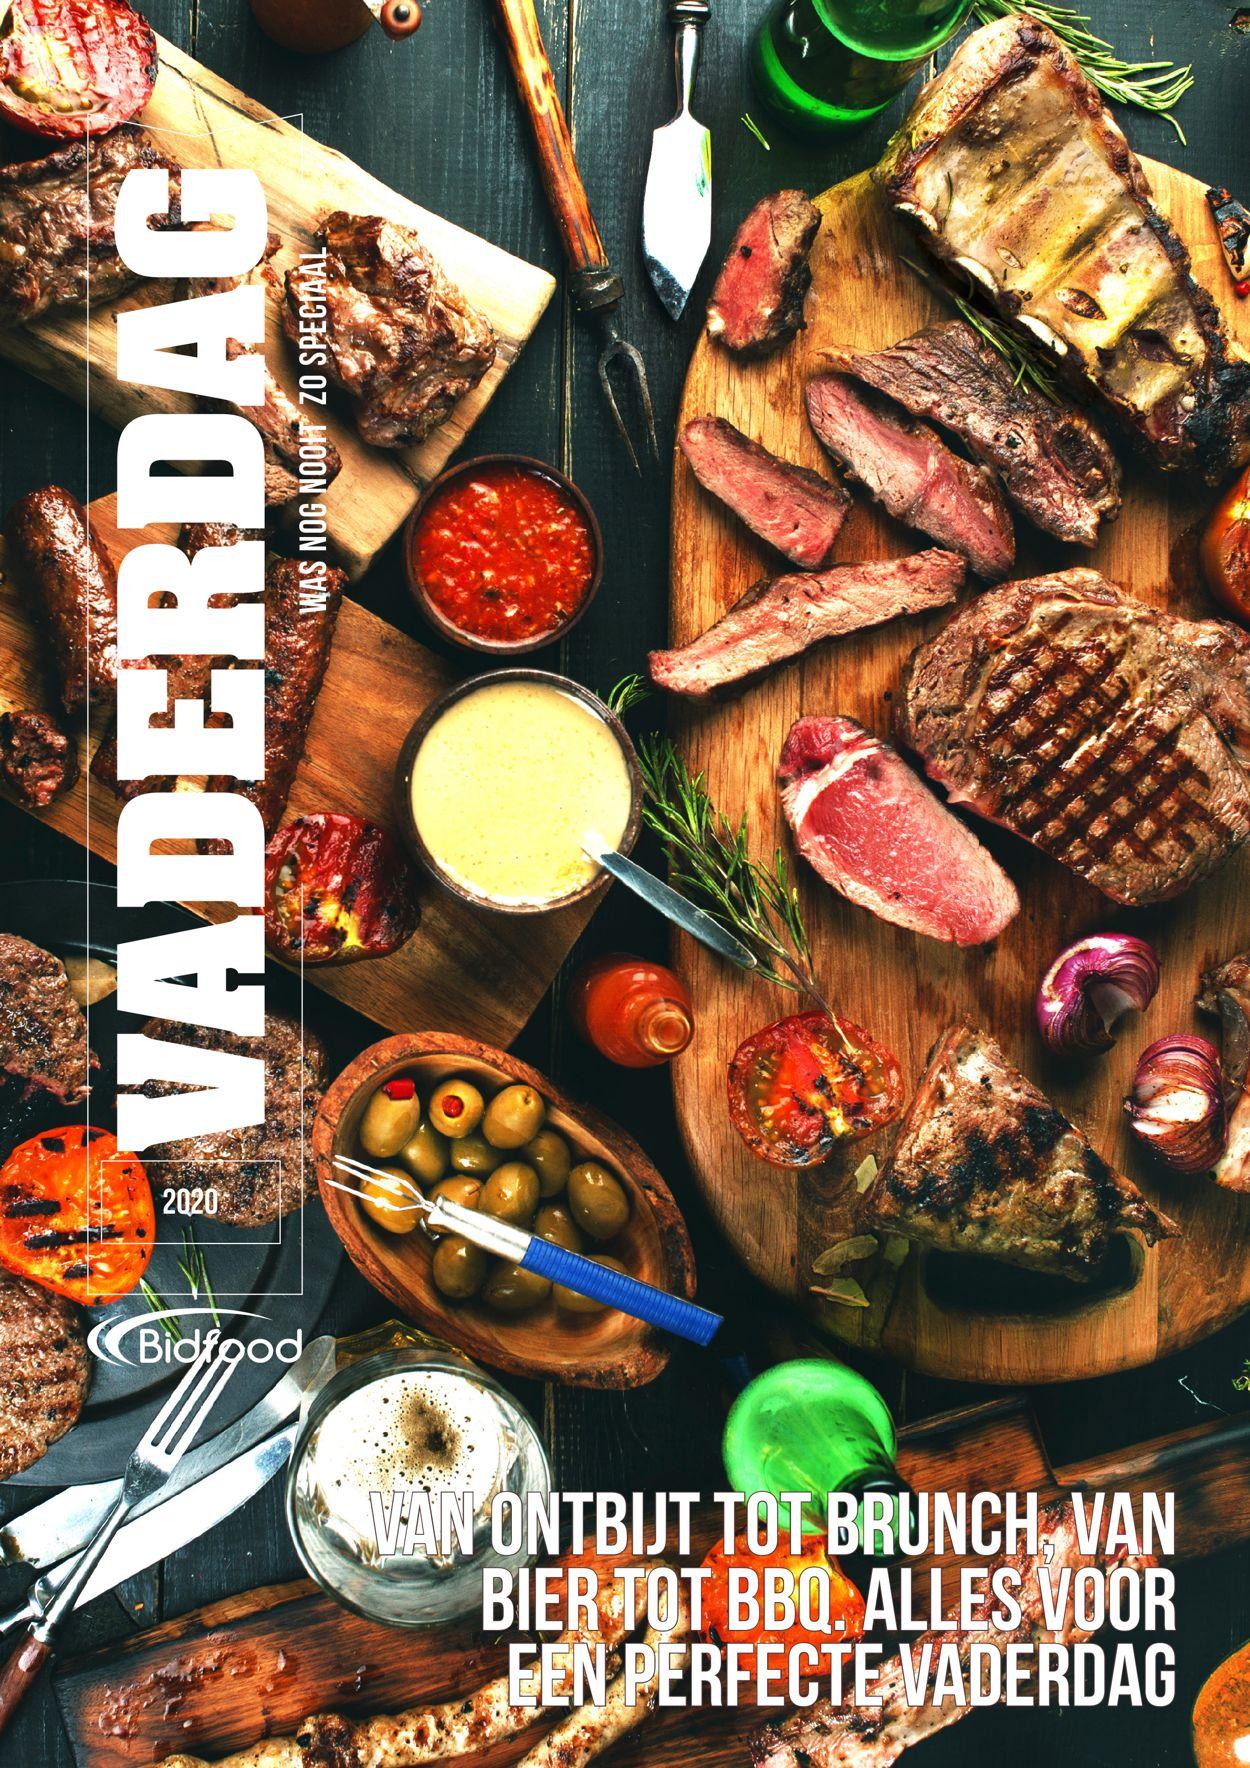 Catalogus van Bidfood van 12.06.2020